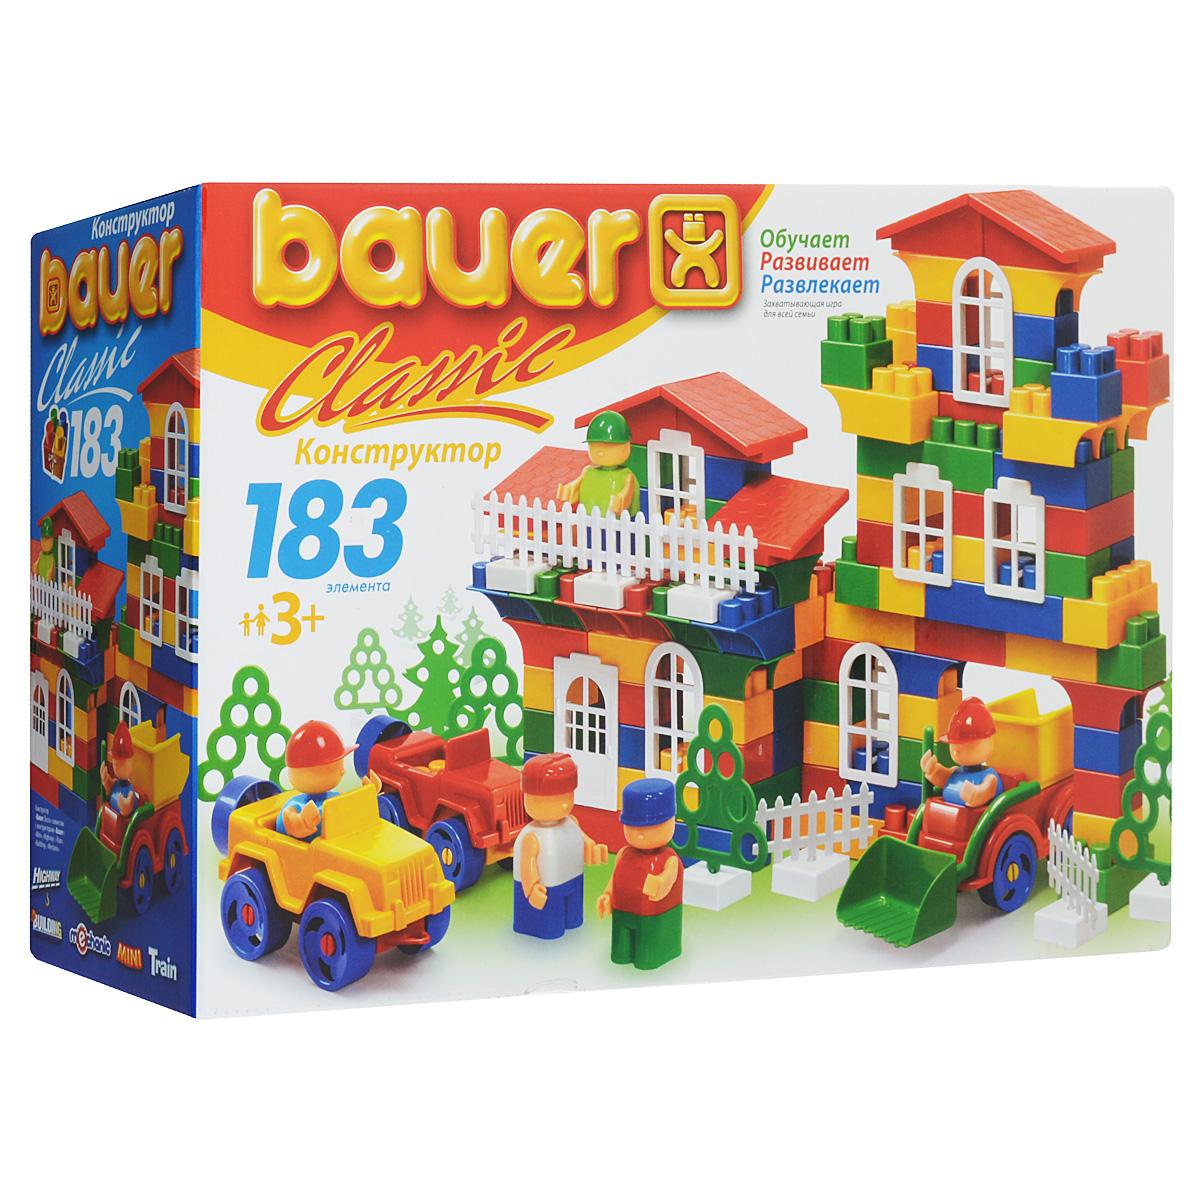 Bauer Конструктор Classic 198198Конструктор Bauer Classic содержит 183 ярких деталей разных форм, цветов и размеров для сборки различных по сложности 2-х и 3-х мерных объектов. Конструктор прекрасно подходит для детского творчества и семейного отдыха, способствуют развитию объёмного мышления ребенка, фантазии, координации движения глаз, мелкой моторики и памяти. Все детали сделаны из высококачественного пластика с использованием пищевых красителей. Ребенок сможет часами играть с этим конструктором, придумывая разные истории и комбинируя детали. Конструктор Bauer Classic адаптирован к программам дошкольного образования, и может быть использован как индивидуально, так и в коллективе.